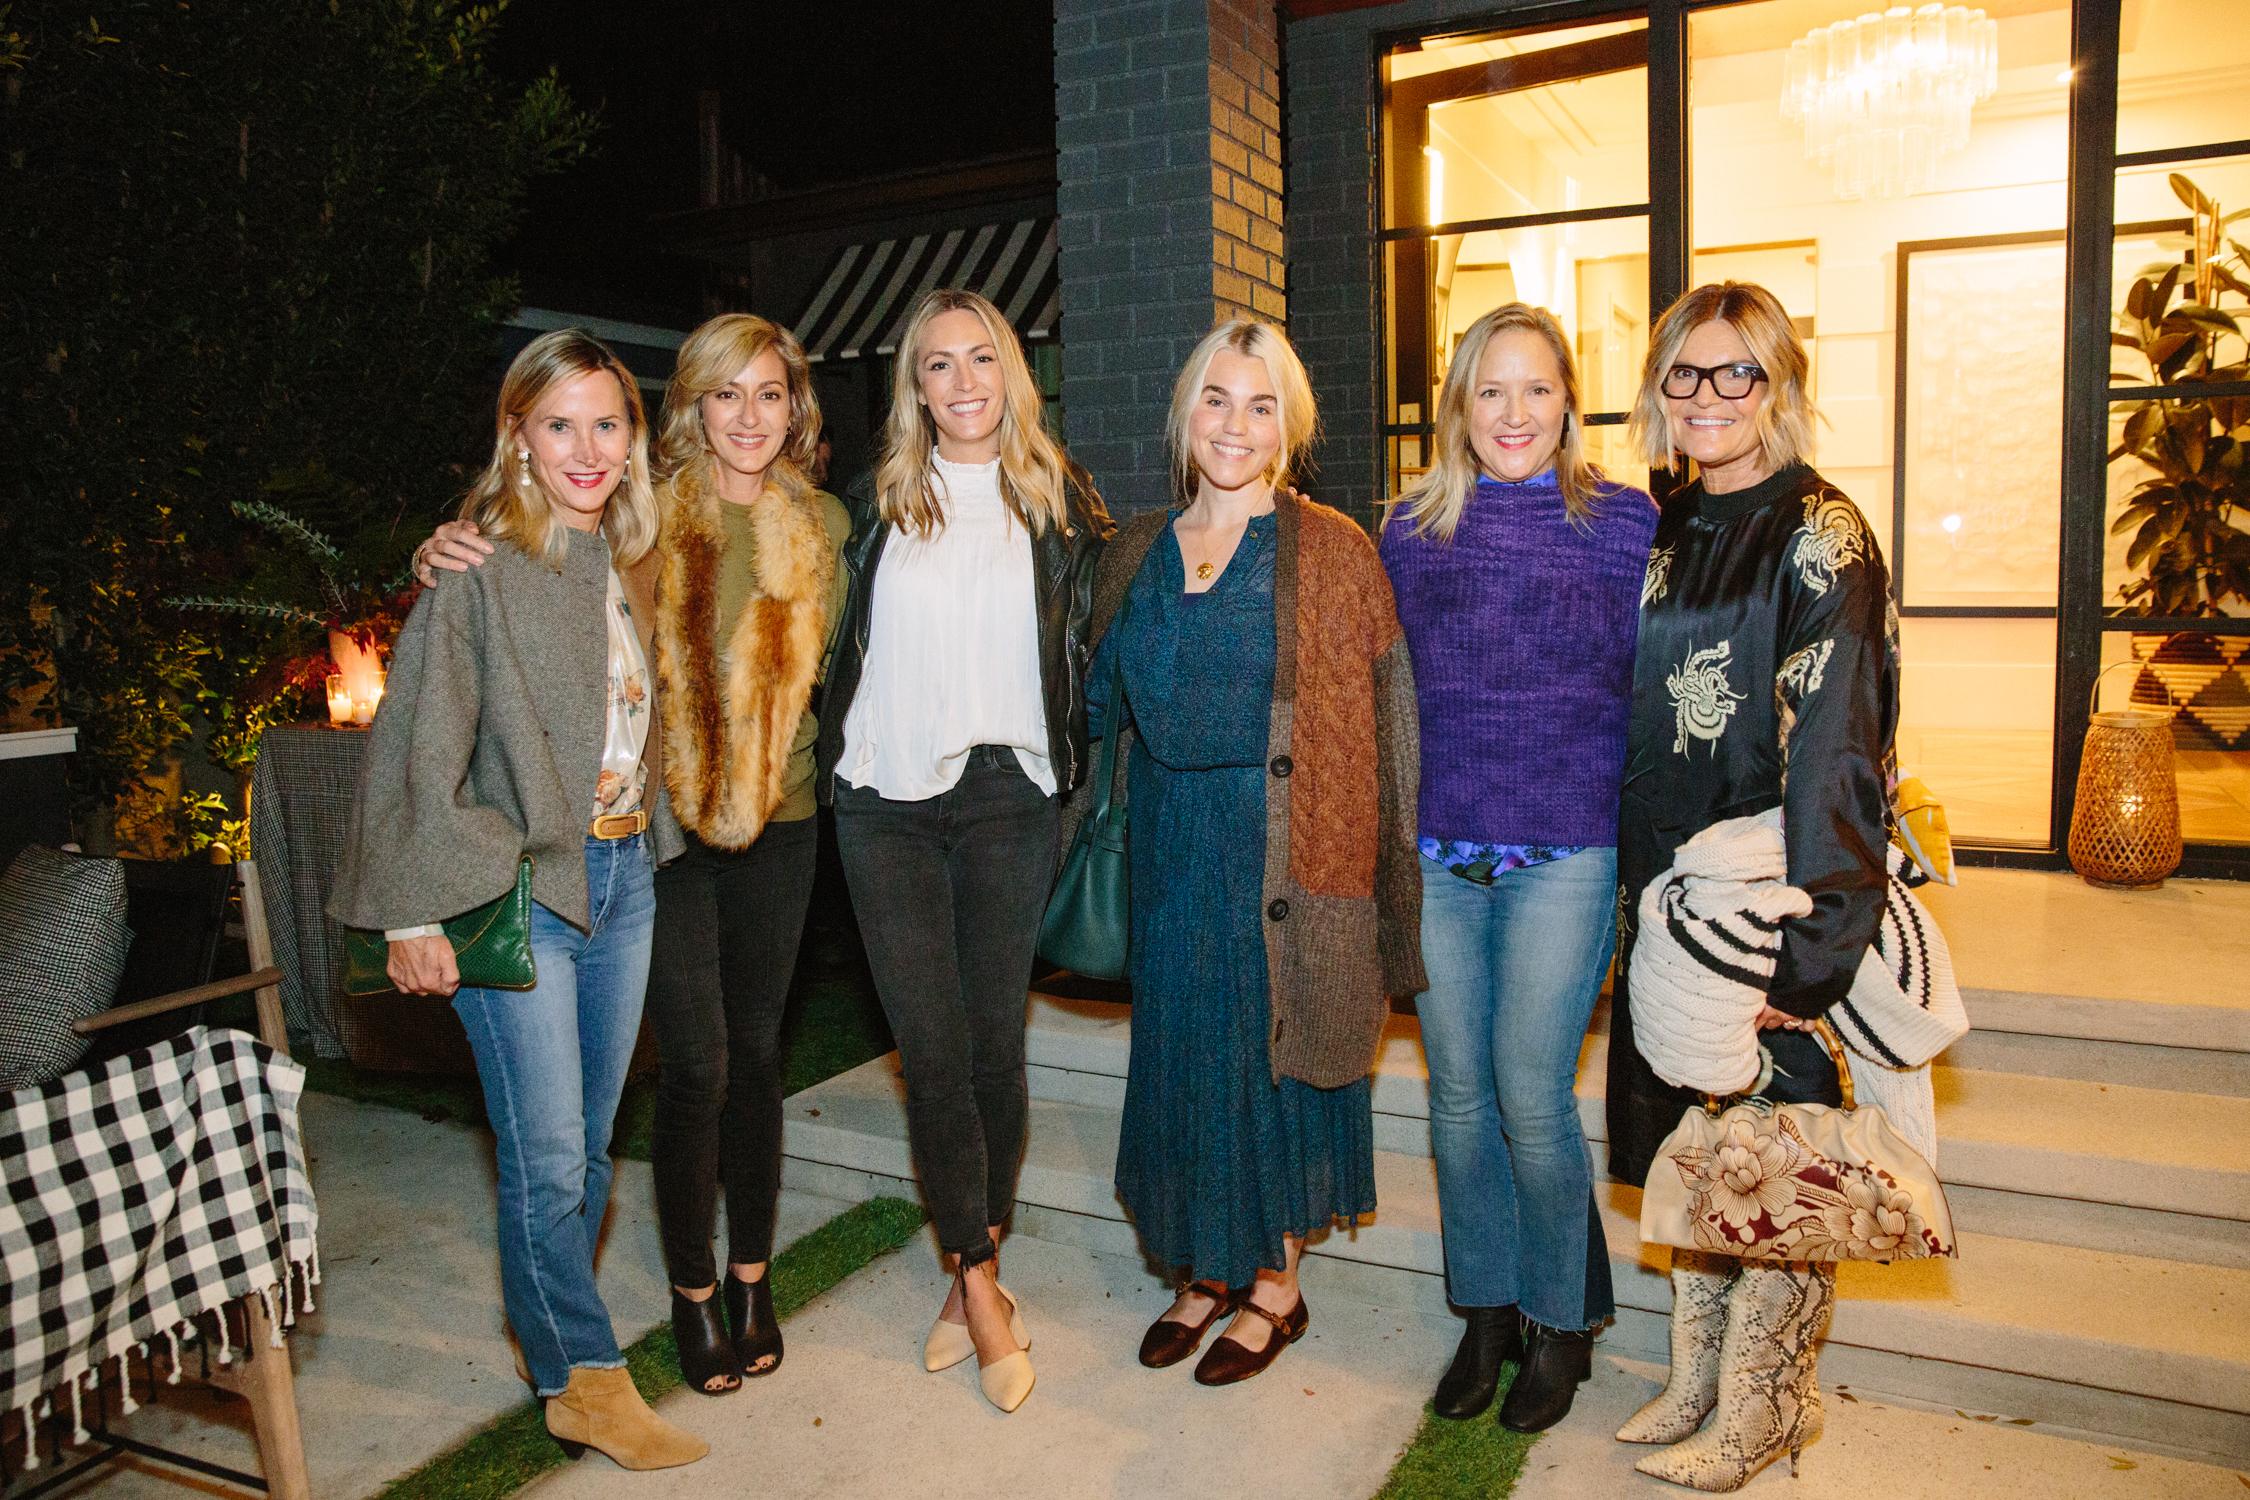 Heidi Bonesteel, Ginna Christensen of  GC Collaborative , Brittany Zwickl, Lauren Soloff, Michelle Trout and Betsy Burnham